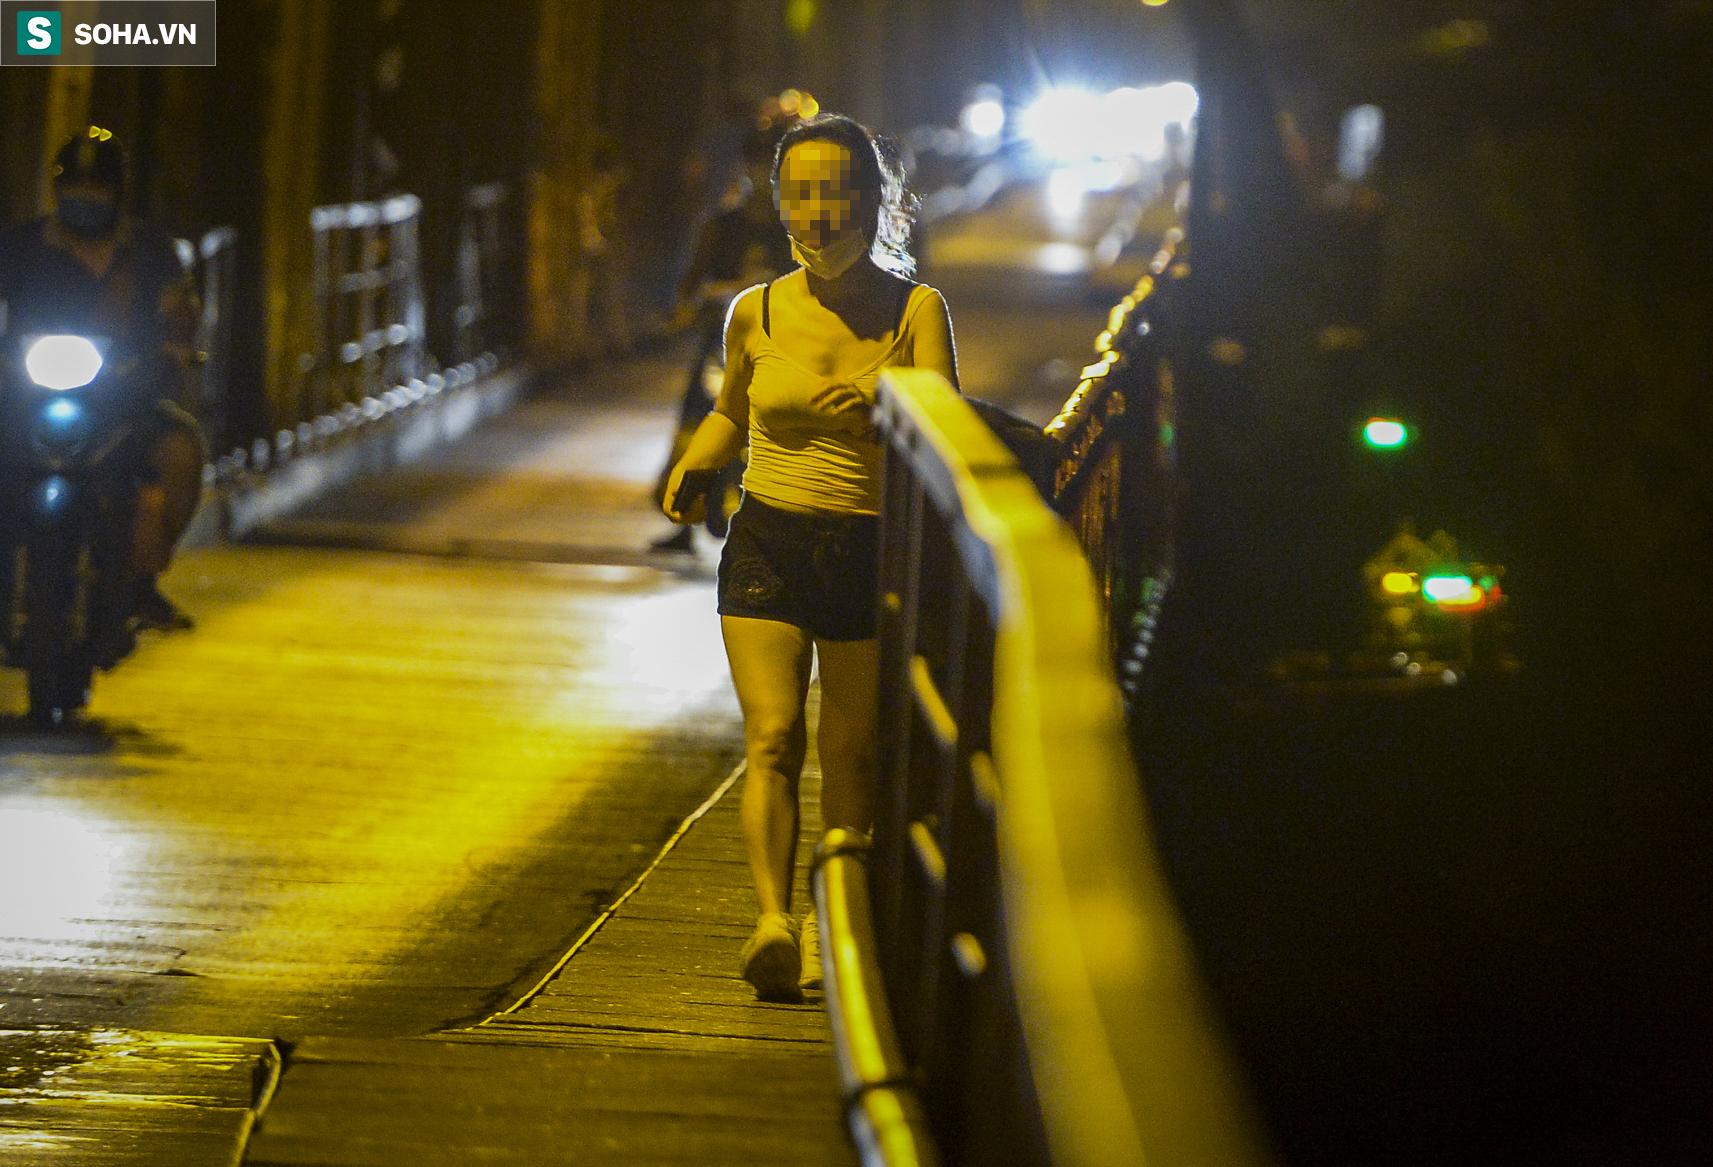 Hà Nội: Nam thanh nữ tú thản nhiên lên cầu Long Biên tâm sự, chụp ảnh, hóng mát bất chấp giãn cách xã hội - Ảnh 5.